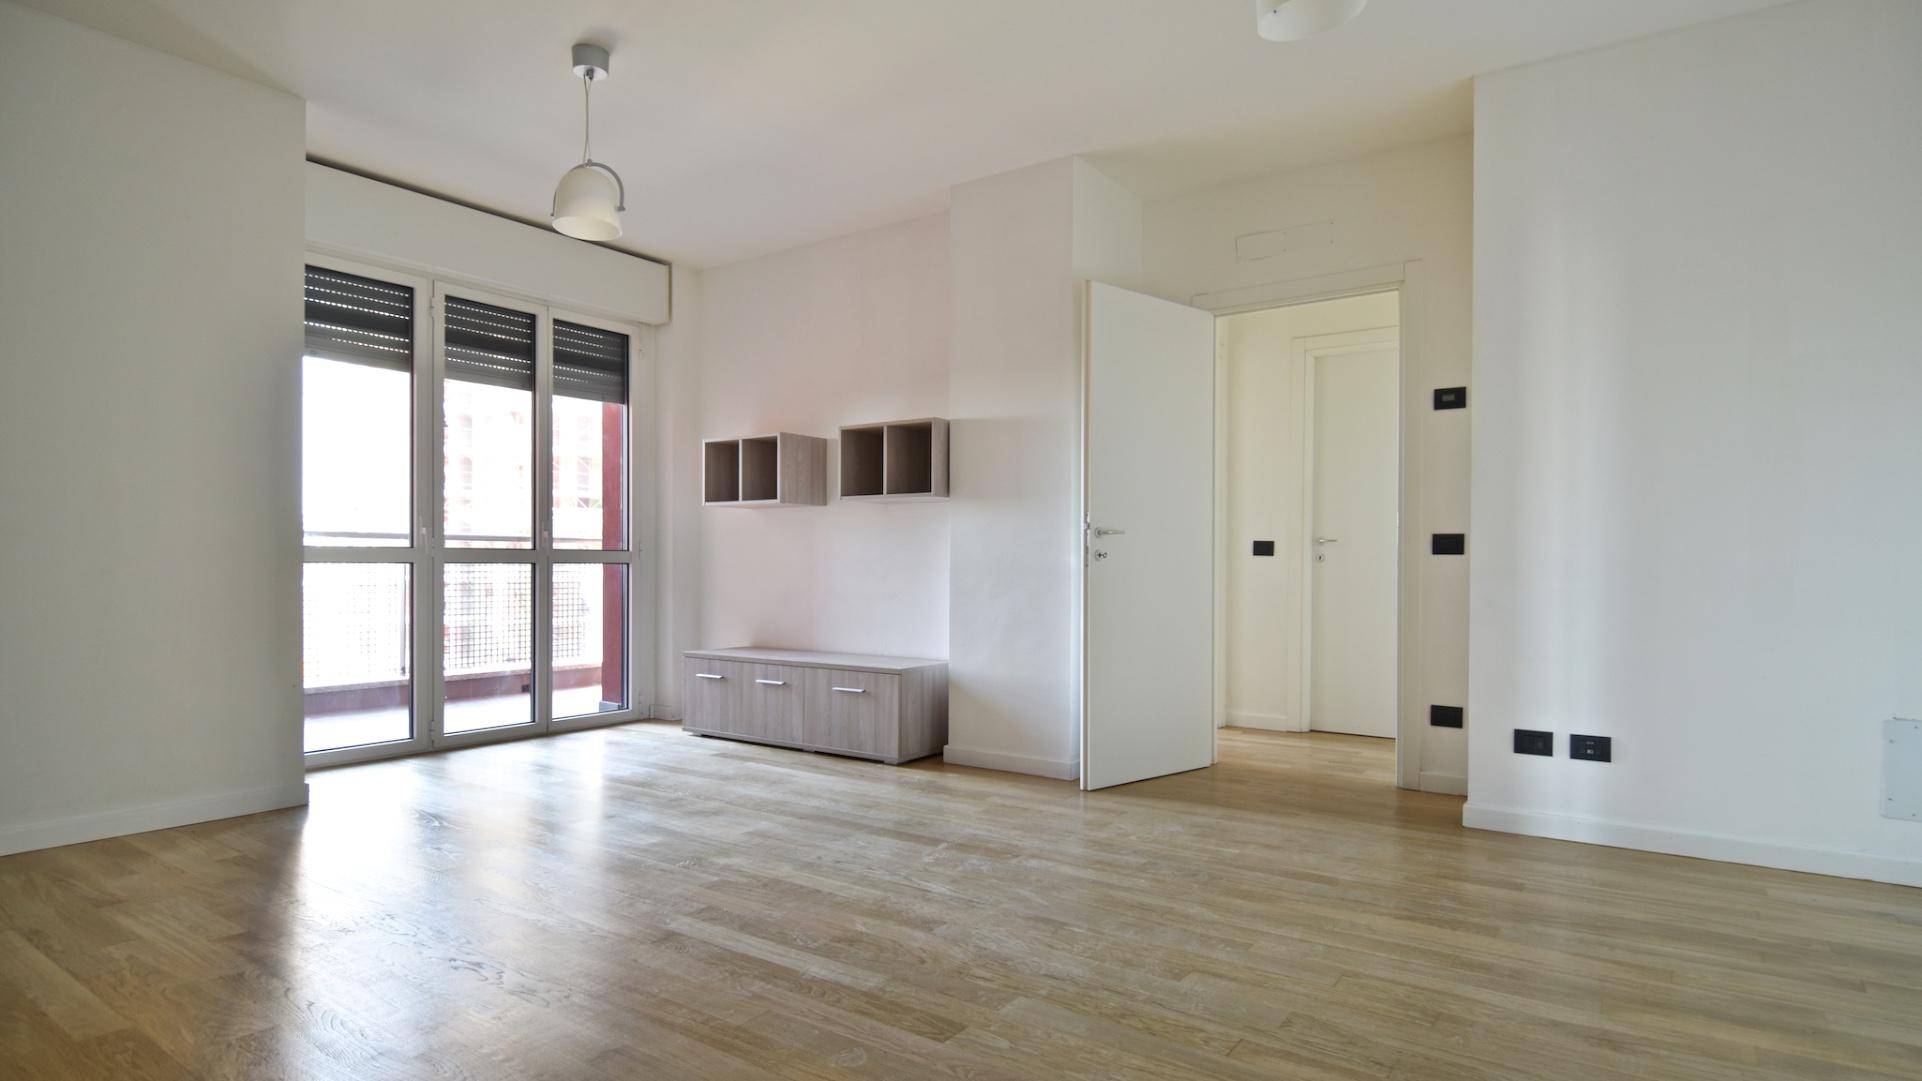 Vendita quadrilocale con terrazzi Bovisa, Politecnico, piano alto, nuova costruzione, ascensori, portineria, classe A, Milano